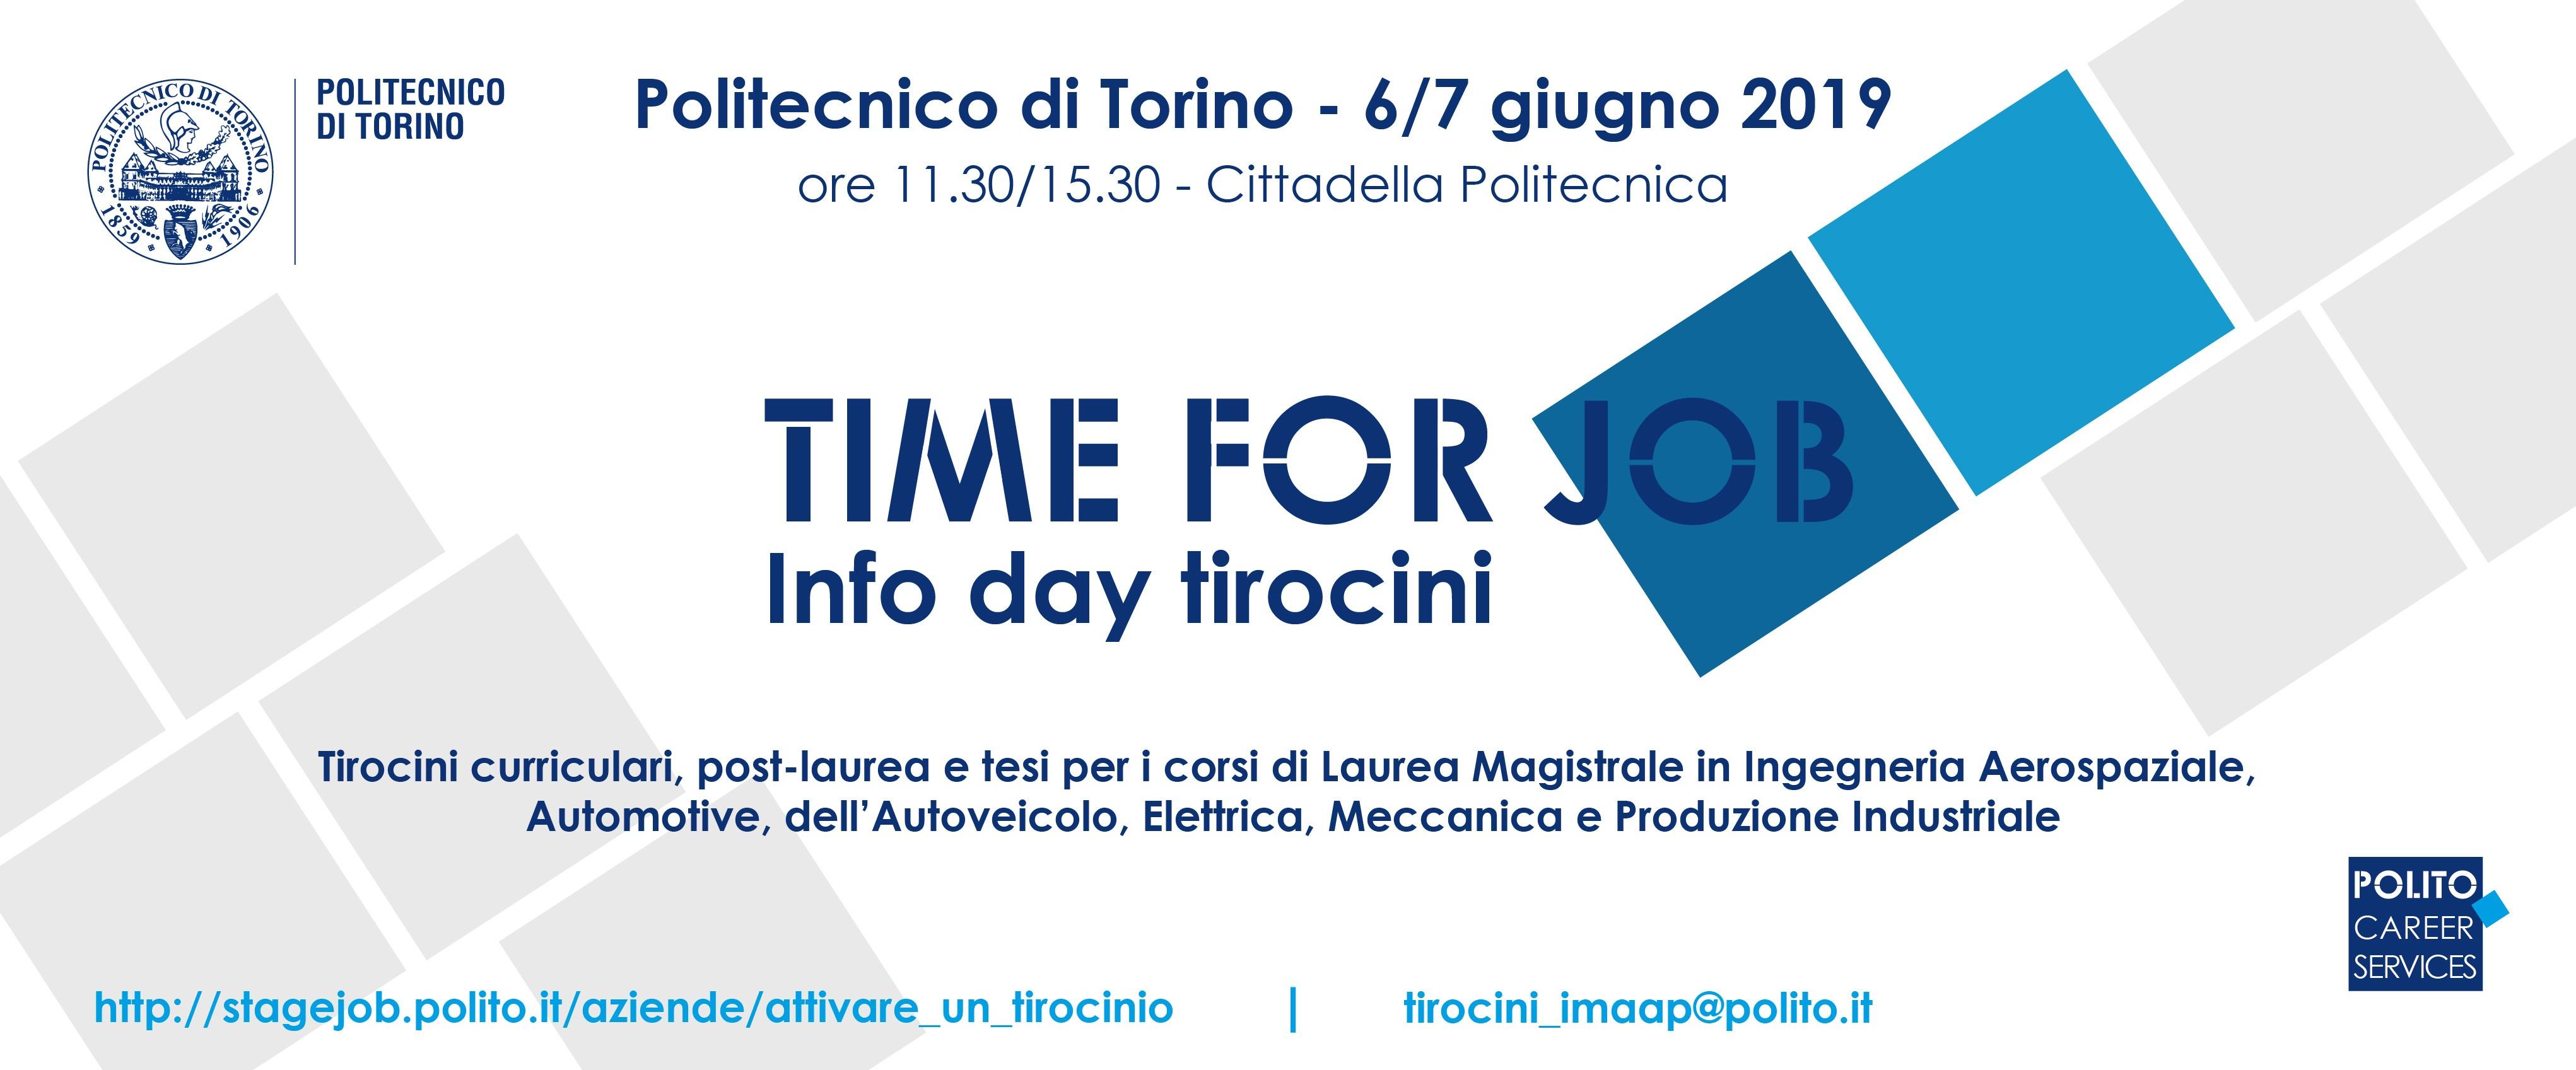 Calendario Lauree Unica Ingegneria.Career Service Eventi